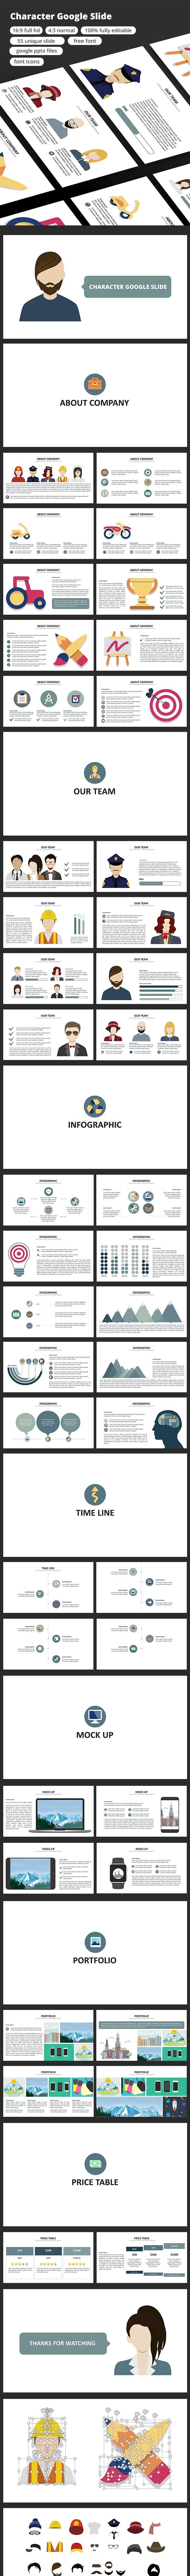 Character - Google Slide - Google Slides Presentation Templates